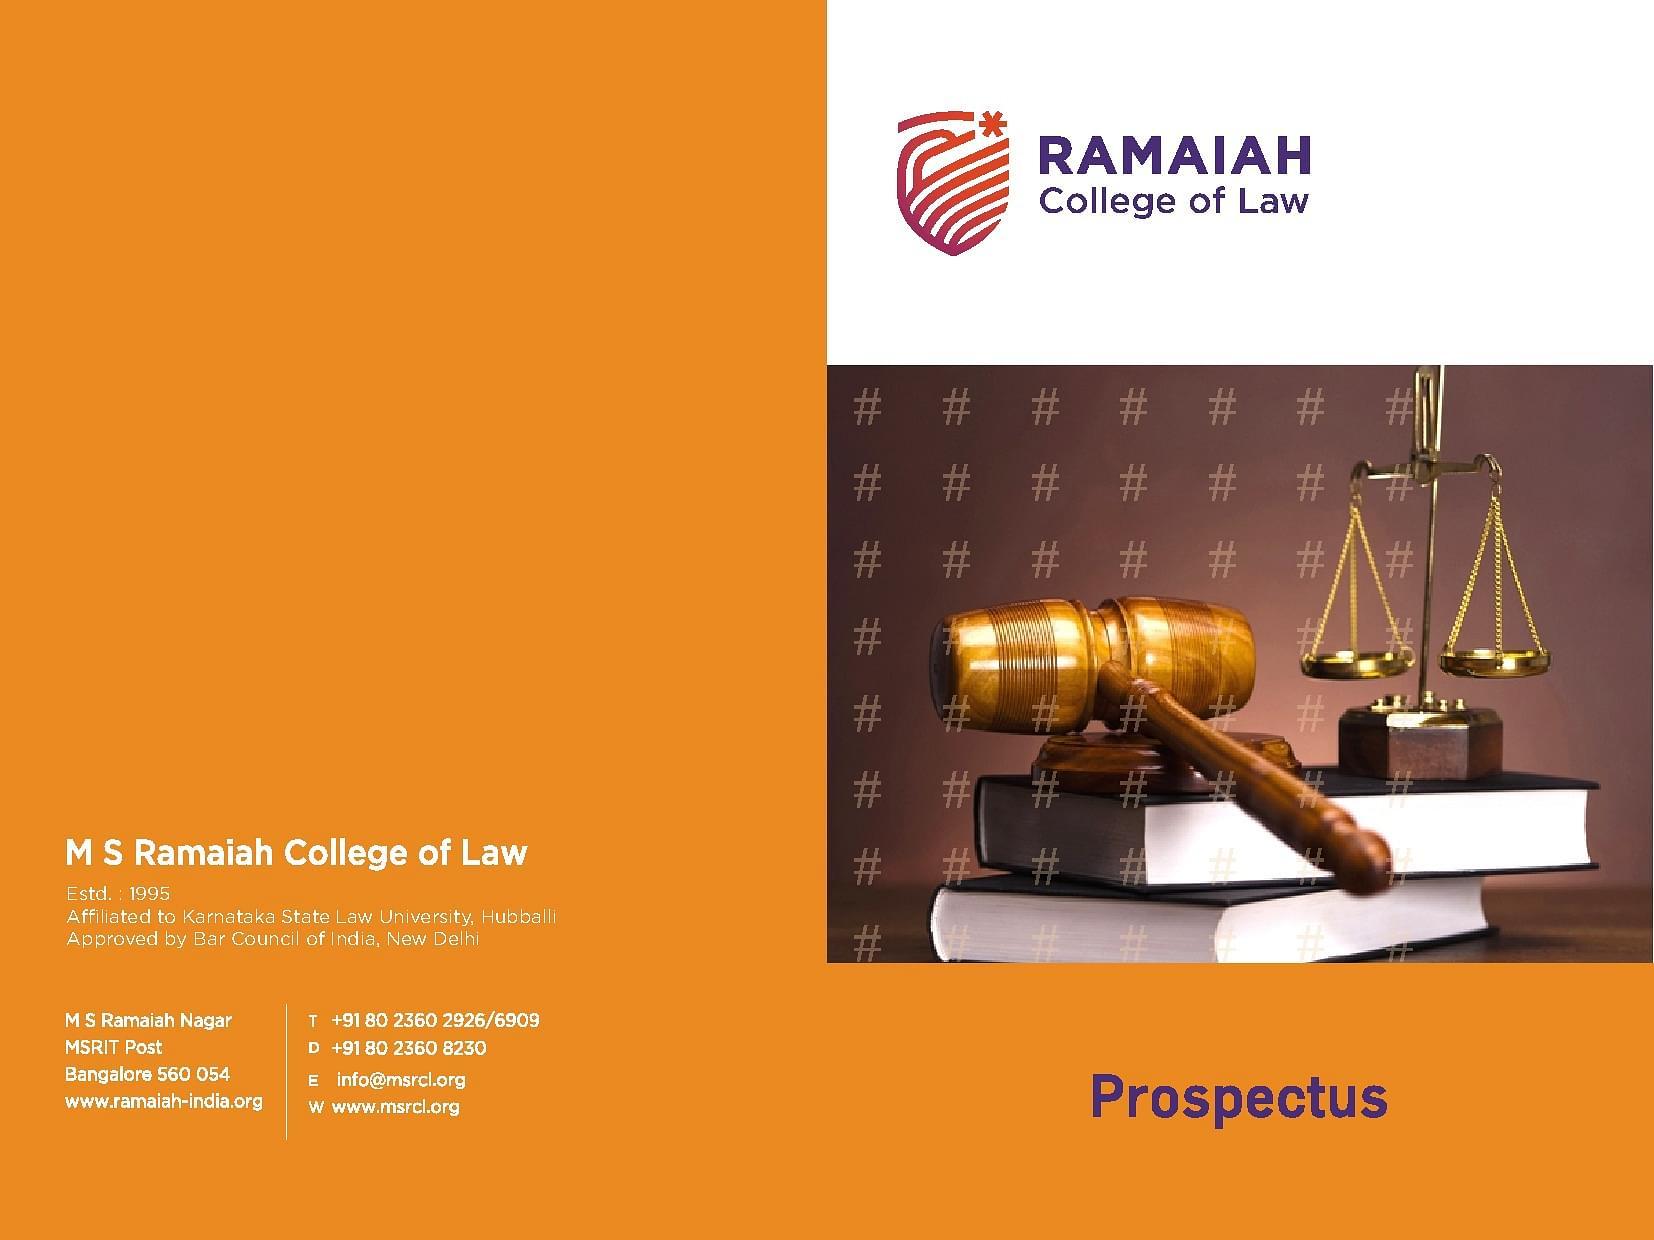 uct prospectus 2019 pdf